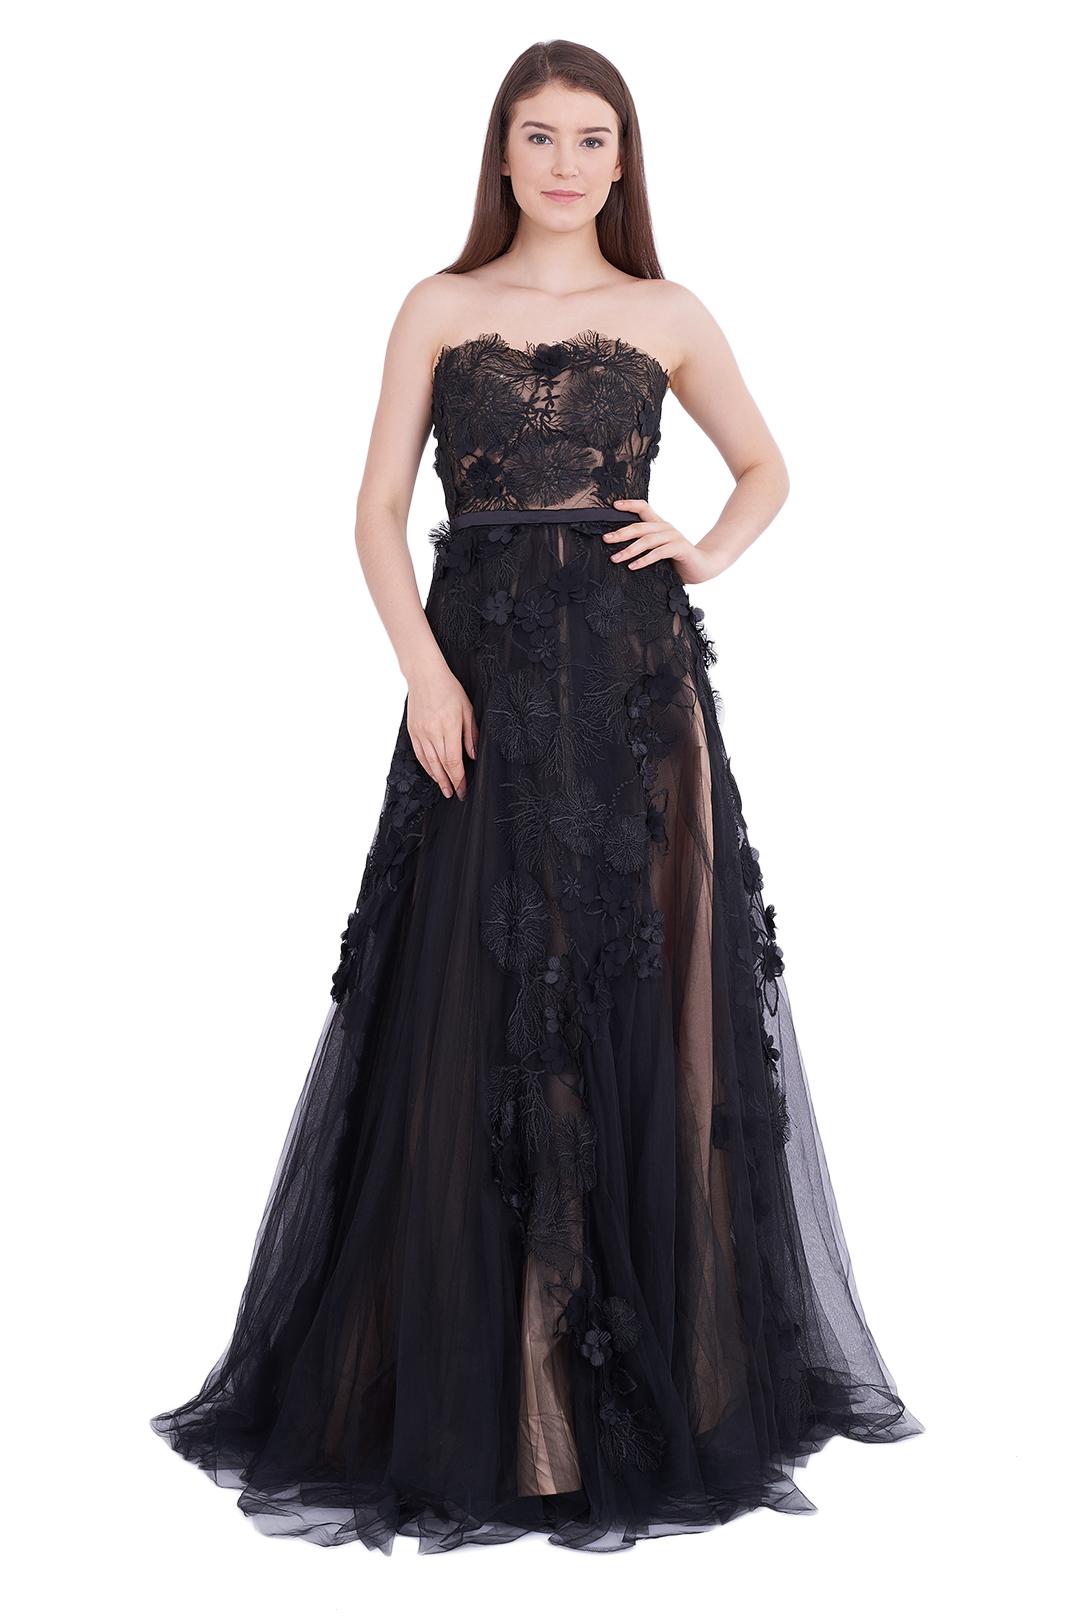 Flowery Glammy Black